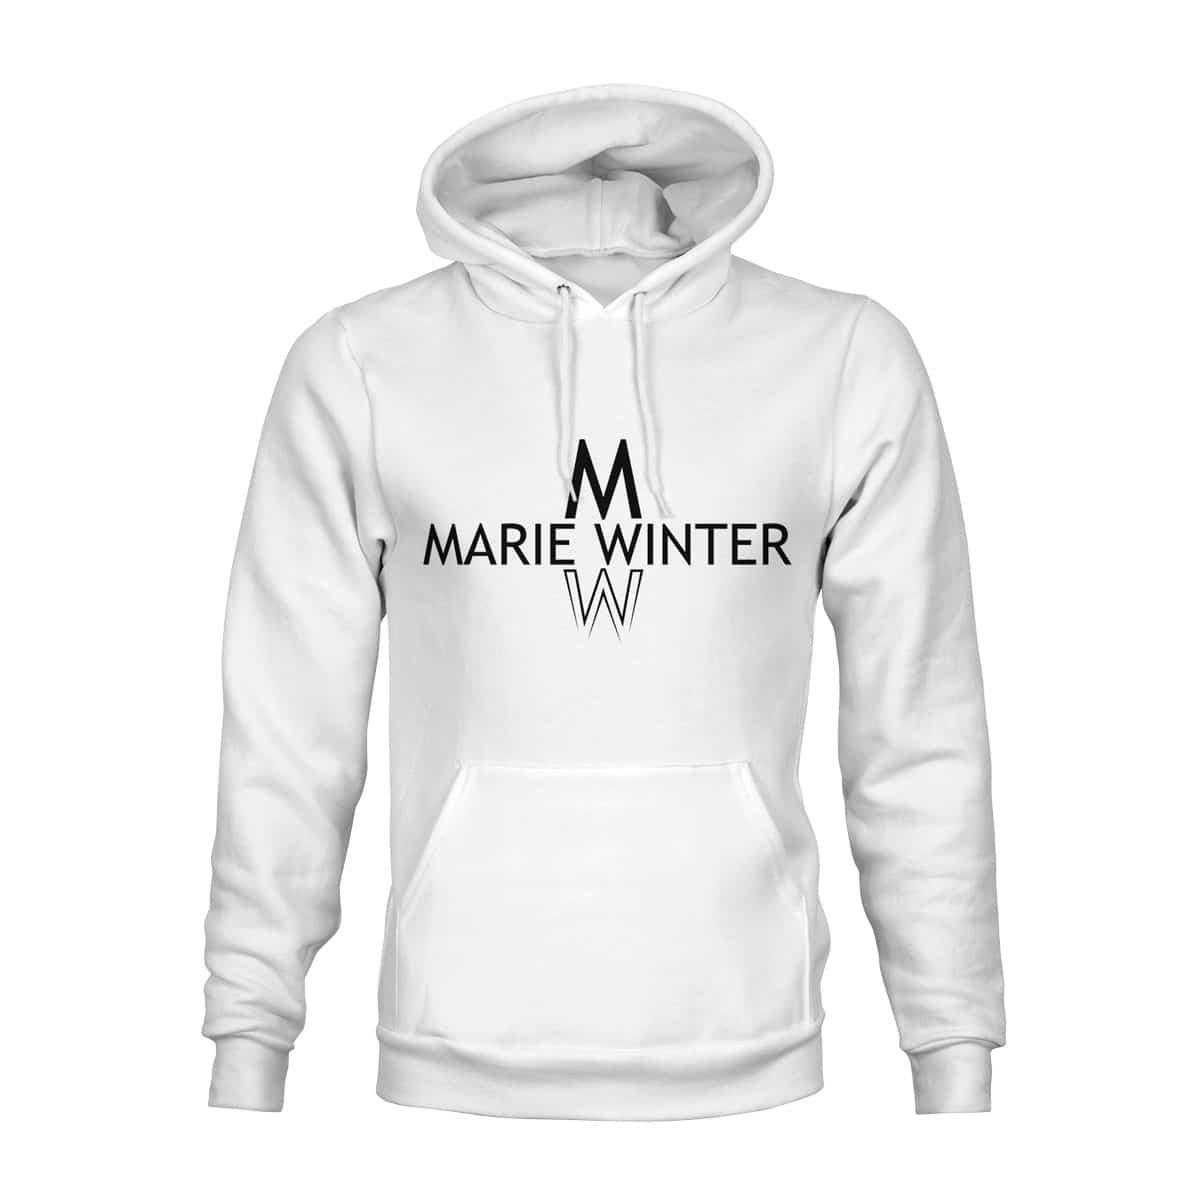 Marie Winter Hoodie Unisex weiß